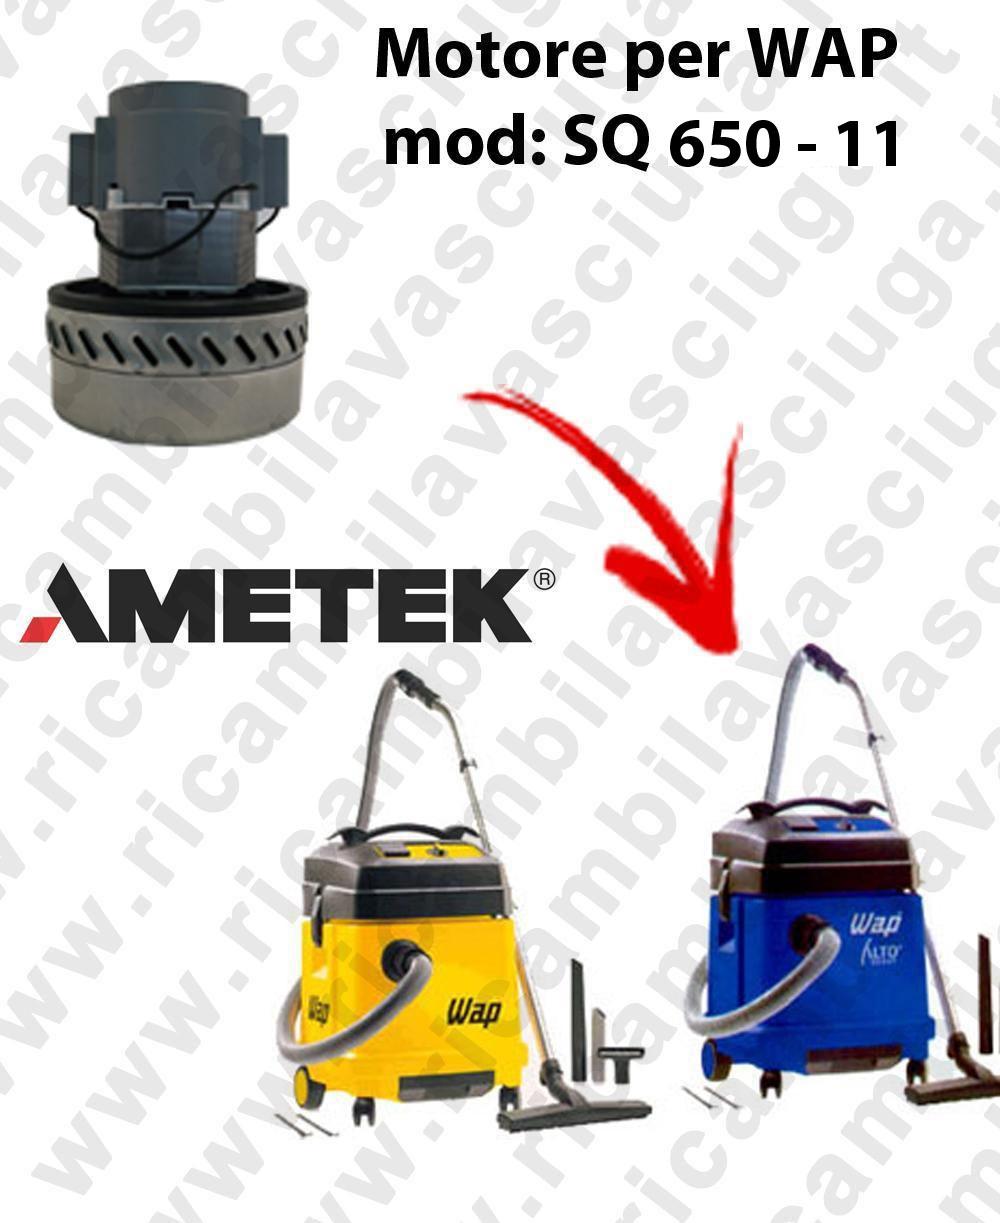 SQ 650 - 11 Saugmotor AMETEK für Staubsauger WAP